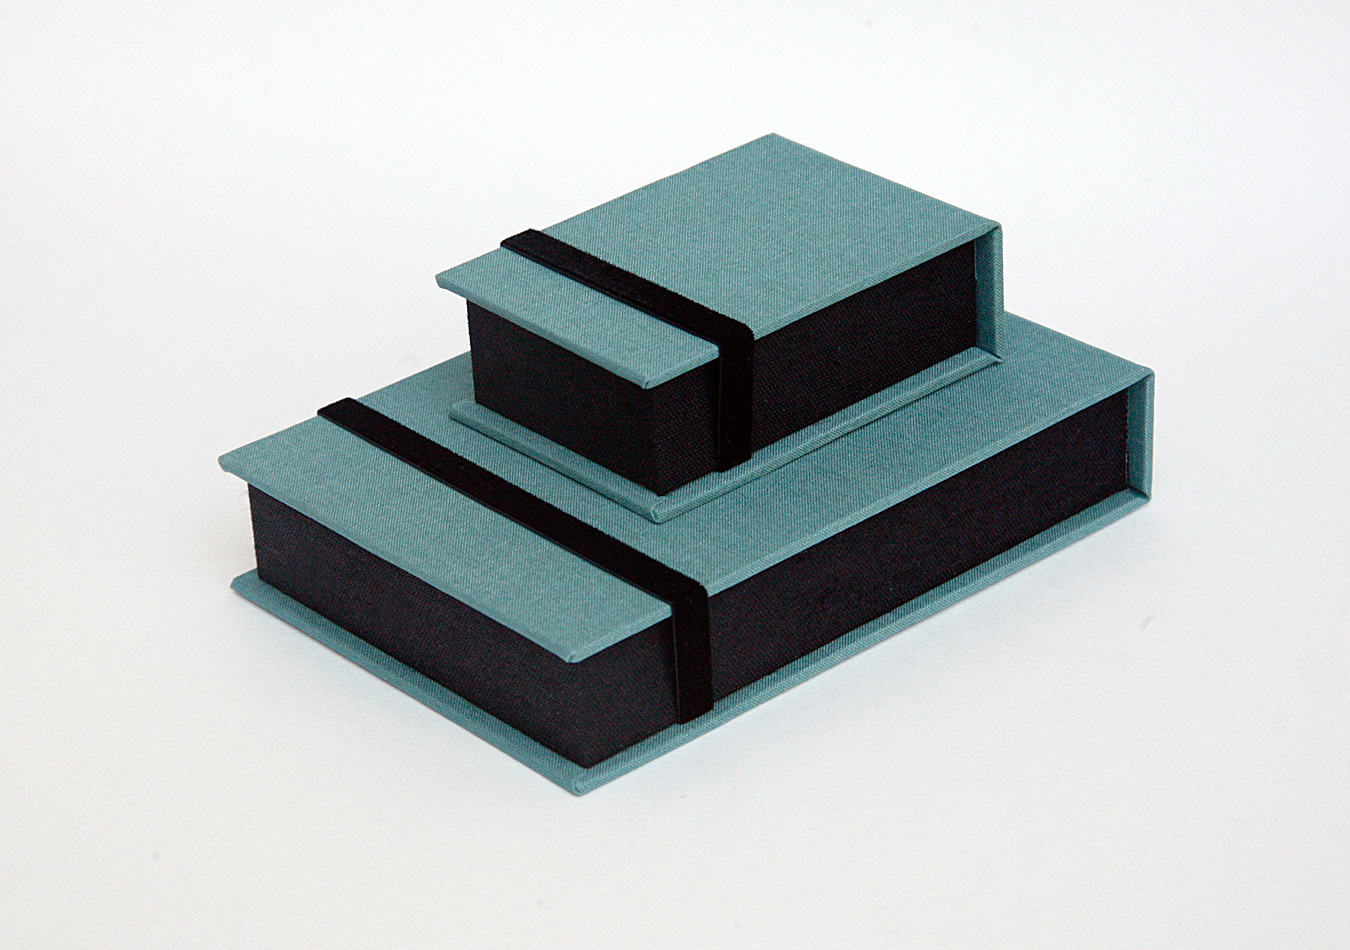 Box_Mini_4x6_Teal_Black2